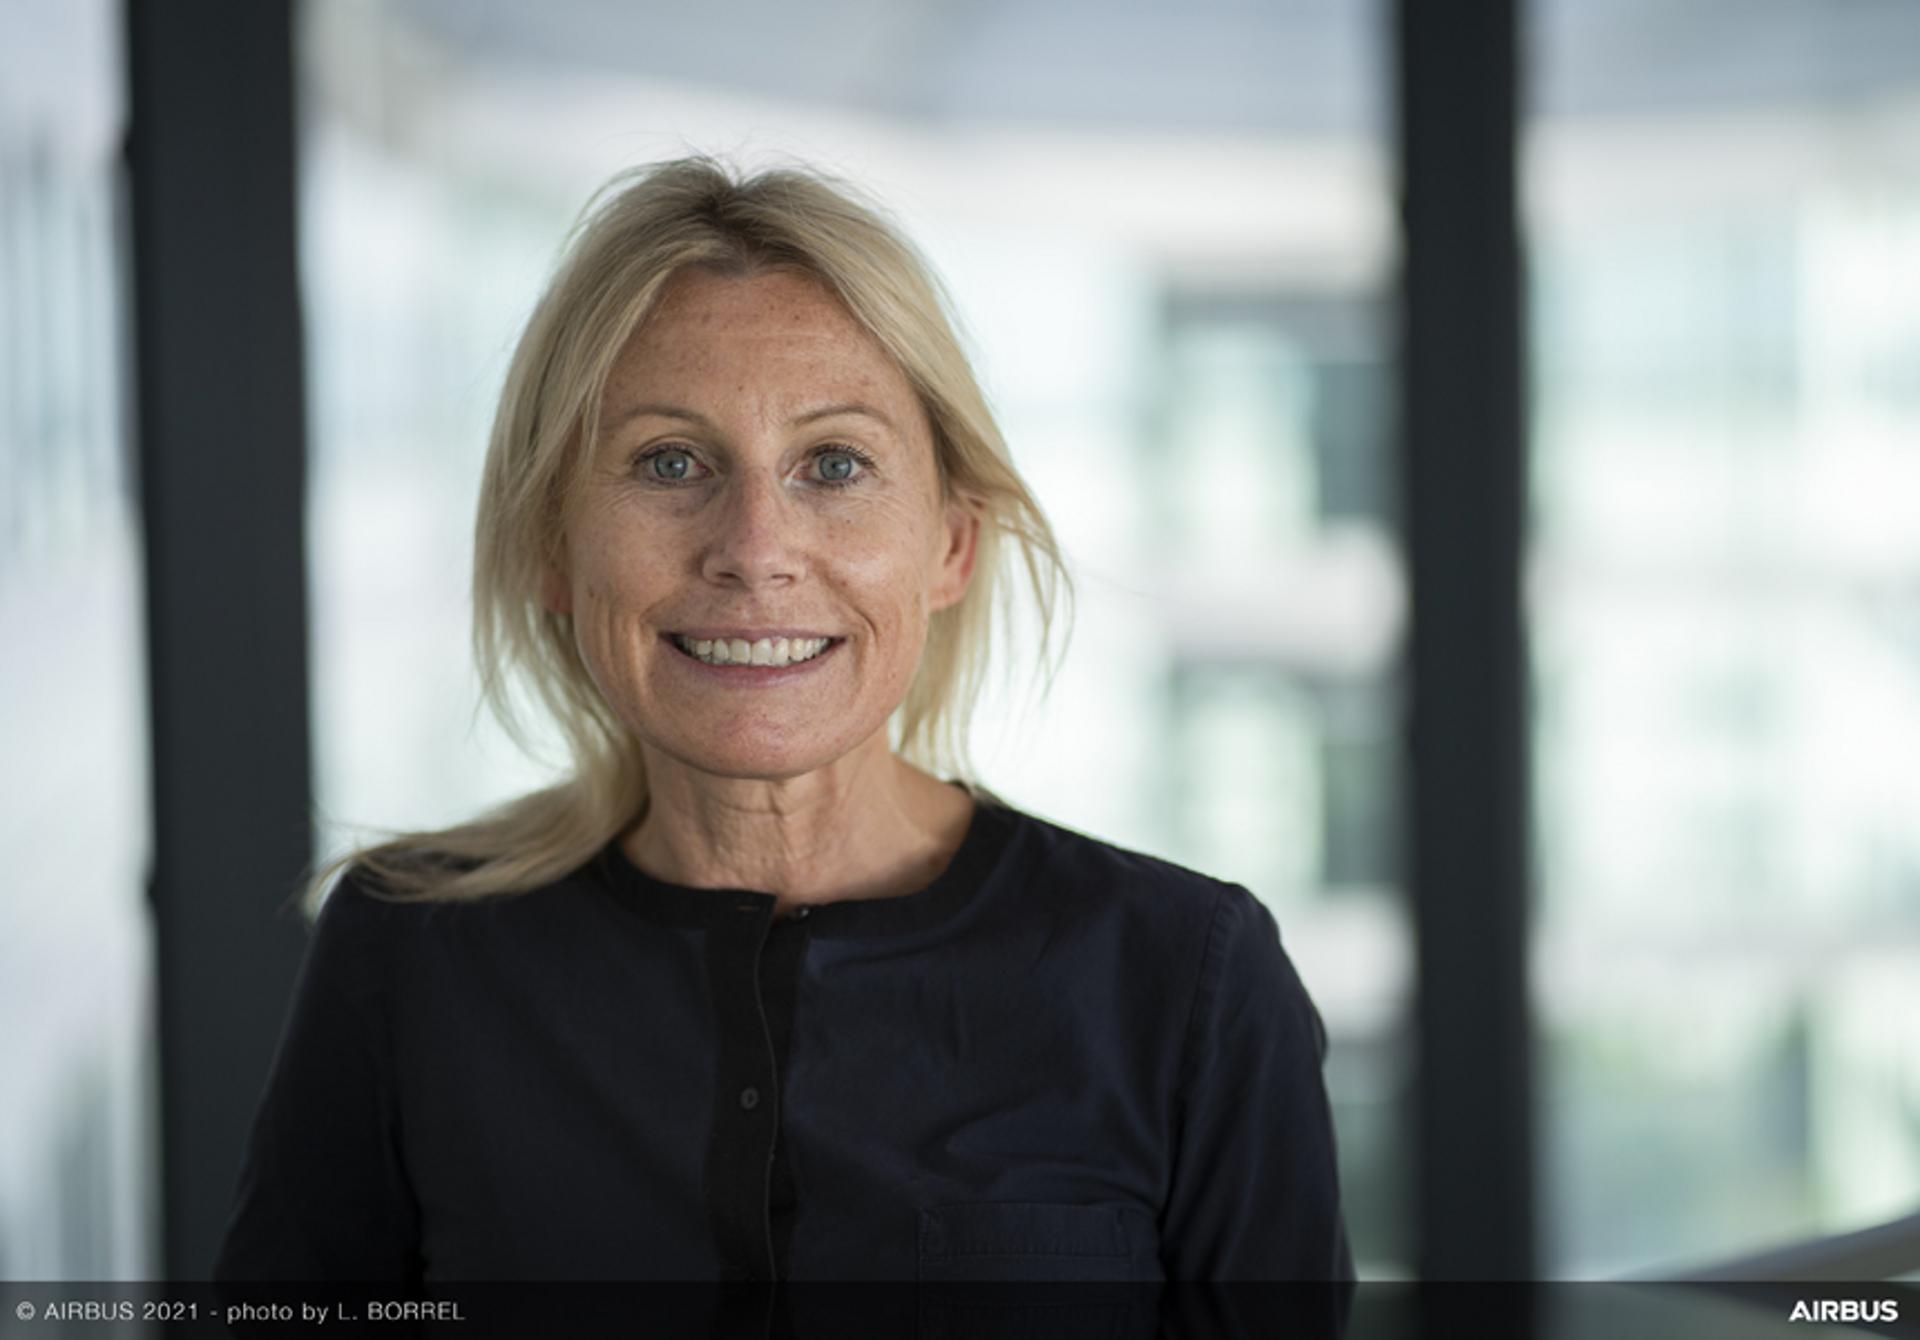 Rachel-Schroeder - Airbus Foundation Managing Director